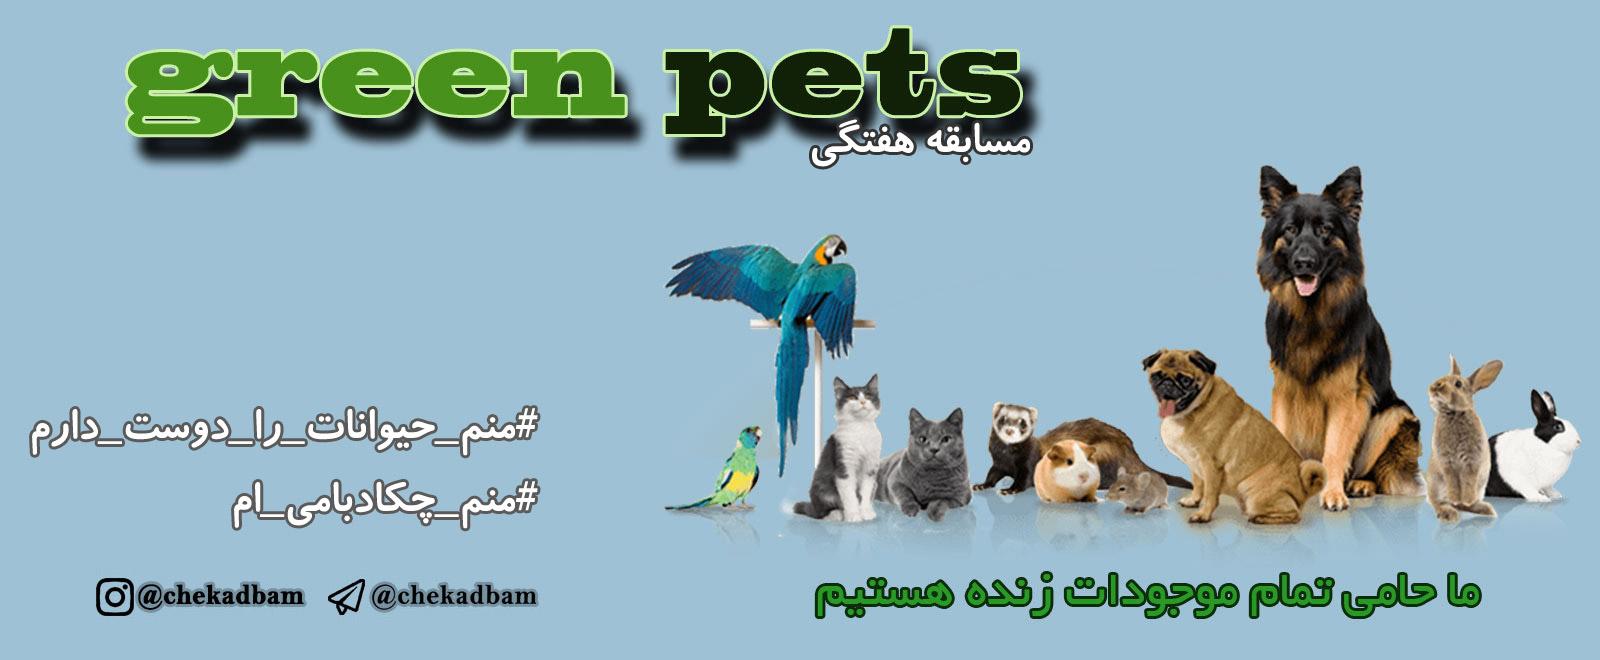 بنر کمپین چکادبامی حمایت از حیوانات